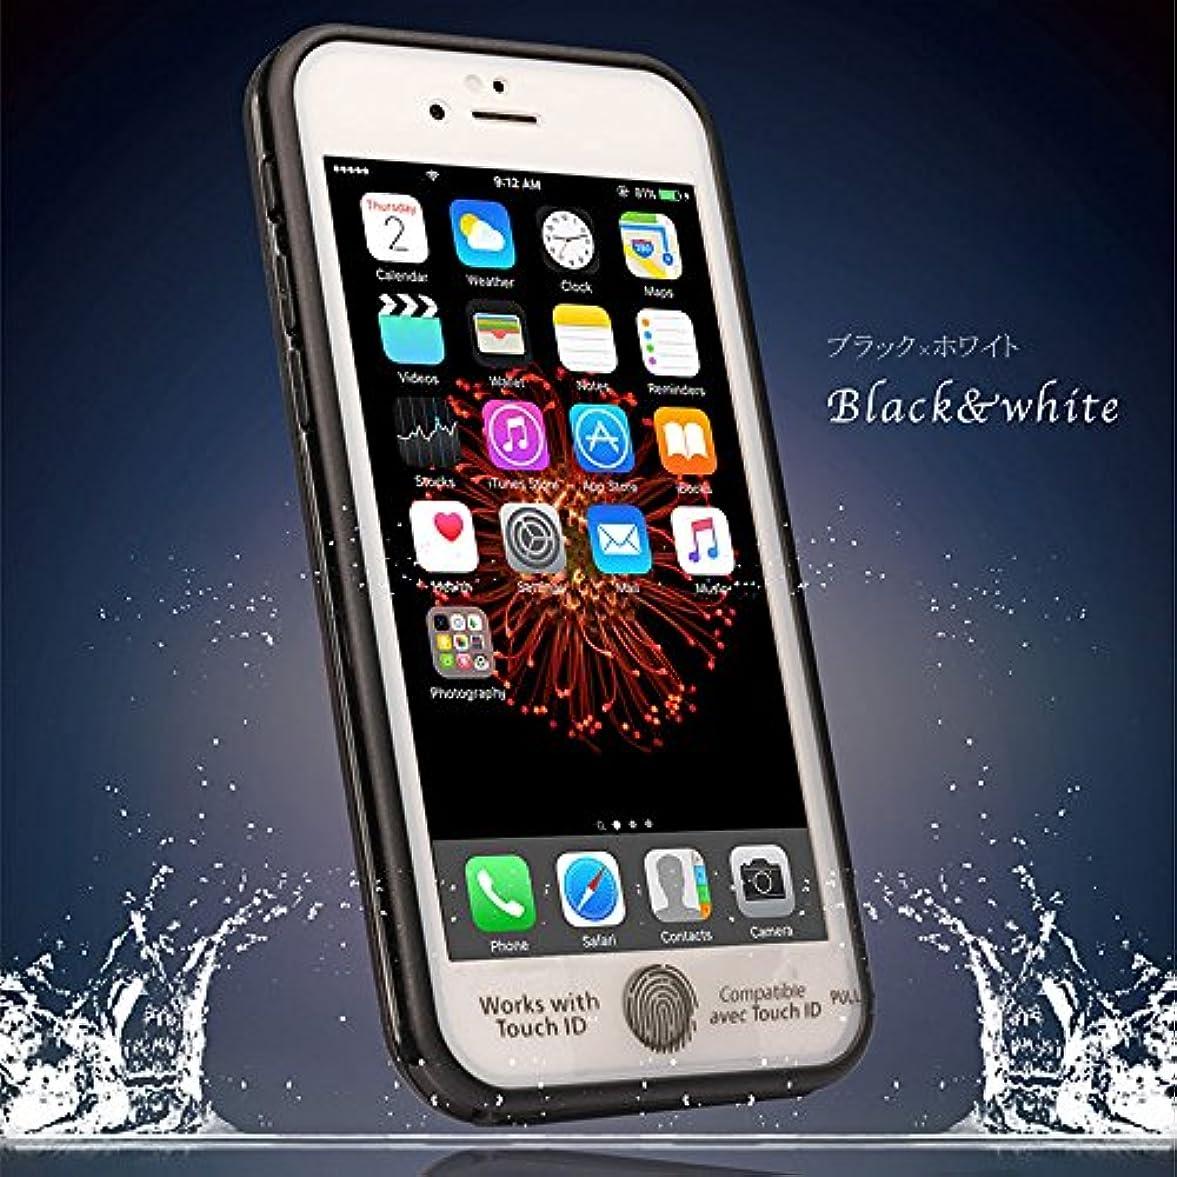 差別的受け入れるほとんどの場合【JABIT】iPhone6 Plus/6s Plus 極薄防水iPhoneカバー 全8色対応人気ケース カバー アイフォン ブラック×ホワイト